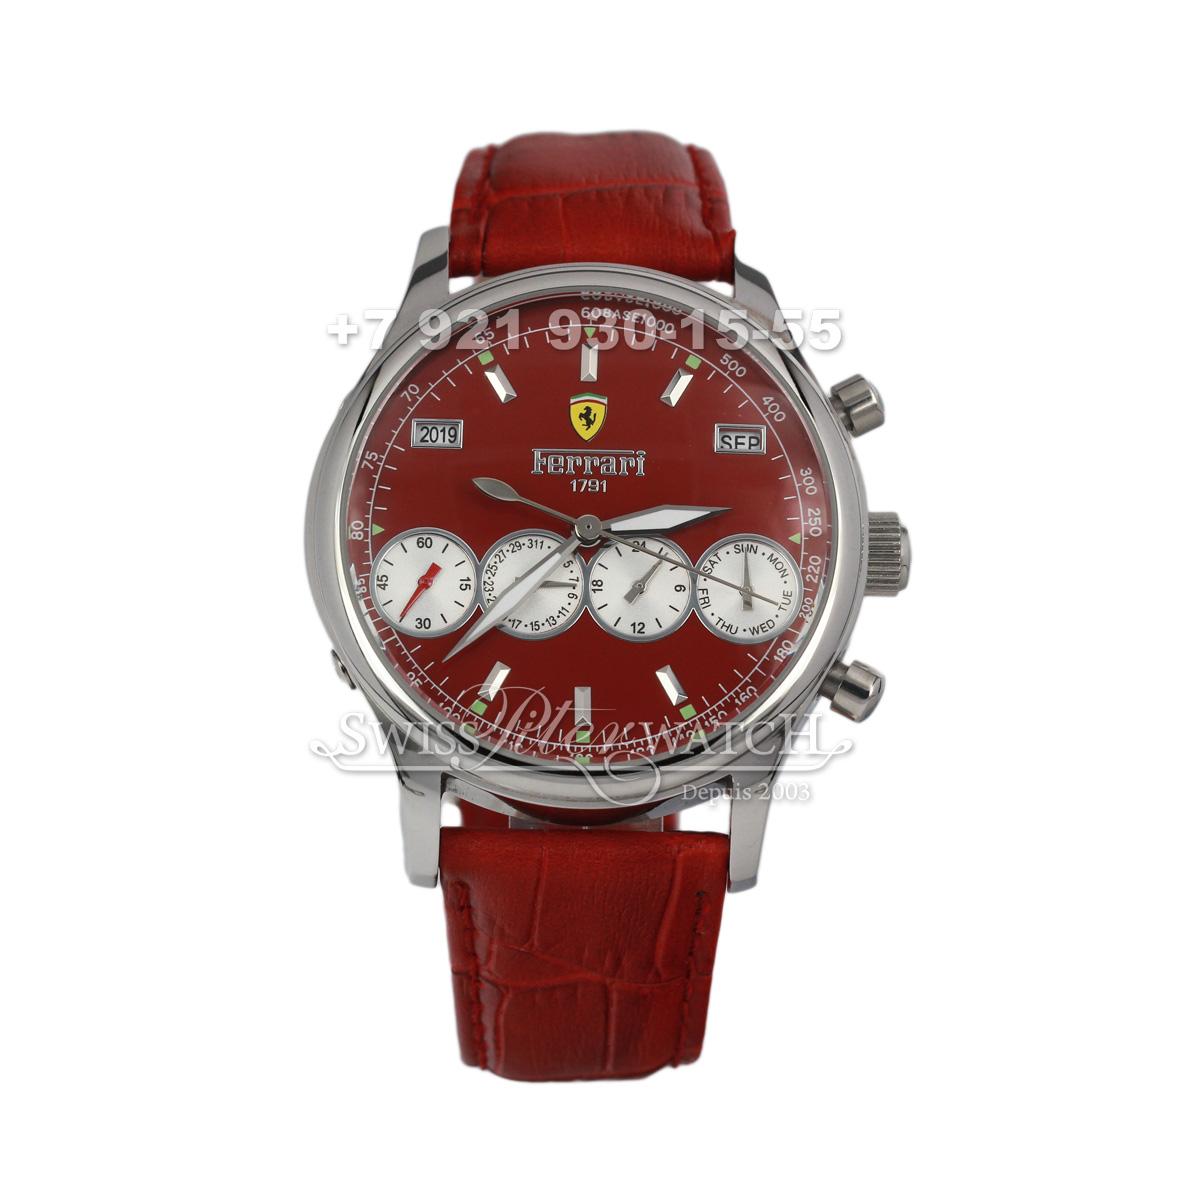 3cae98b8 Купить Ferrari 027.019 (копия) в интернет-магазине часов в Санкт-Петербурге